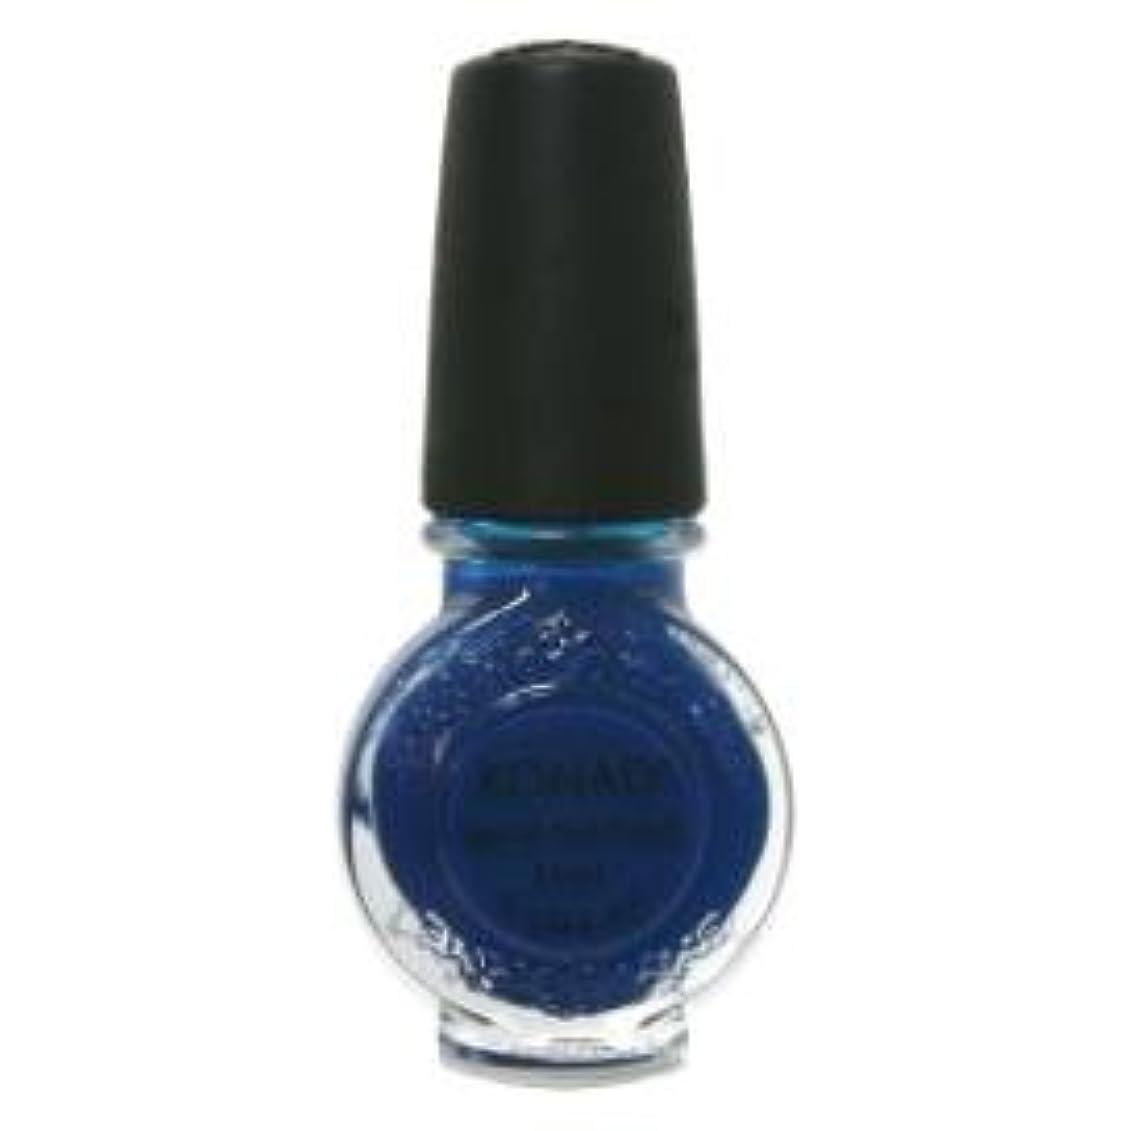 強いますうめき適用済みお急ぎ KONAD コナド スタンピングネイルアート 専用ポリッシュ s22 ブルー(11ml)